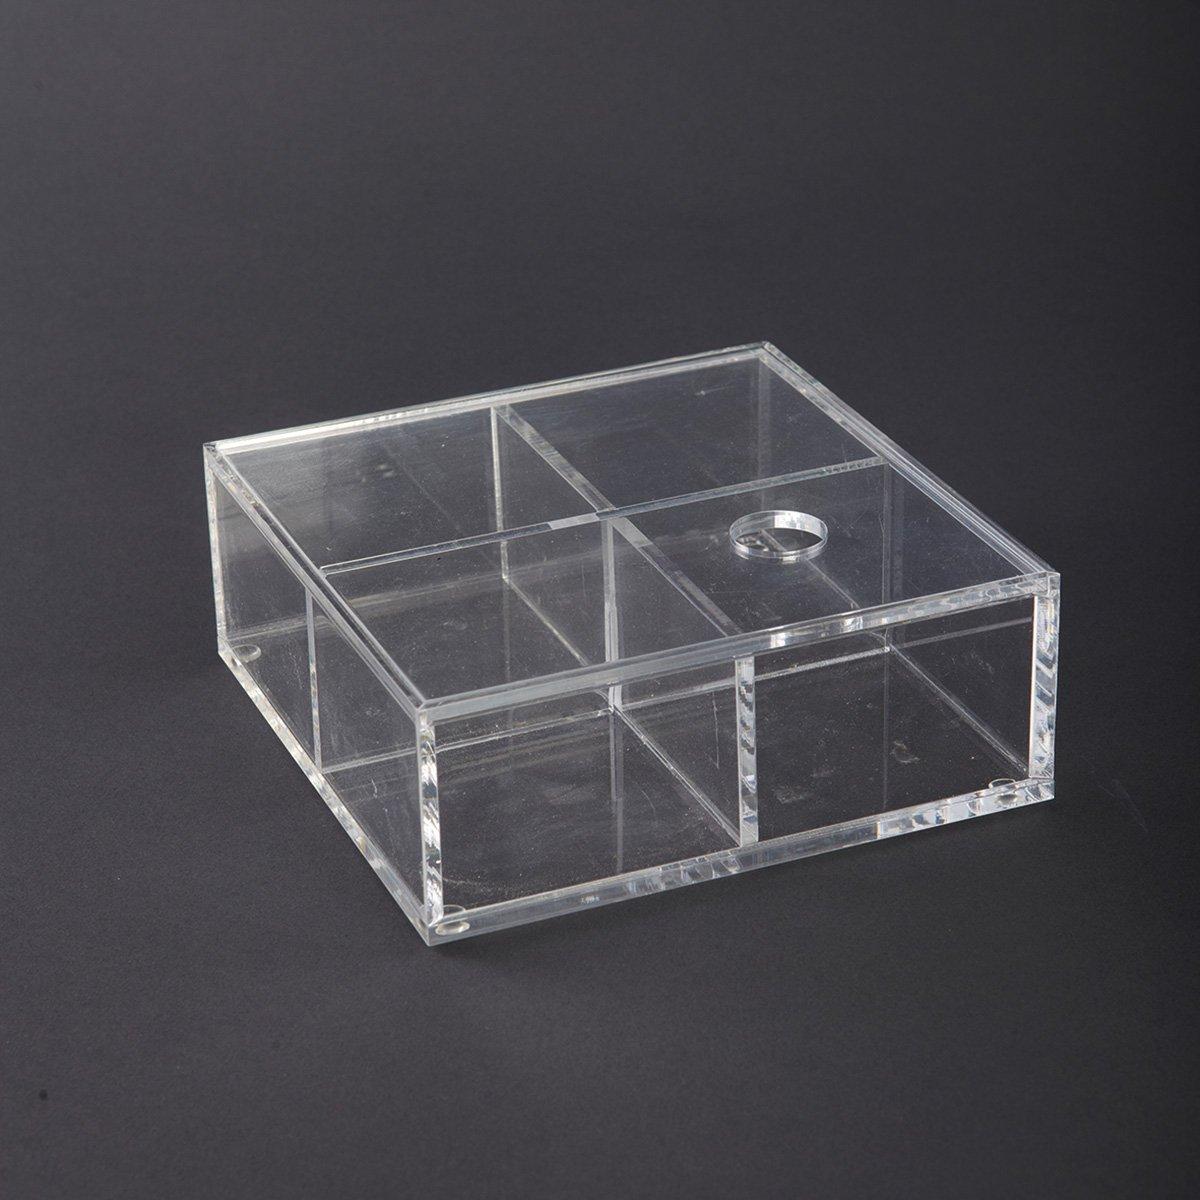 Průhledná krabice s víkem